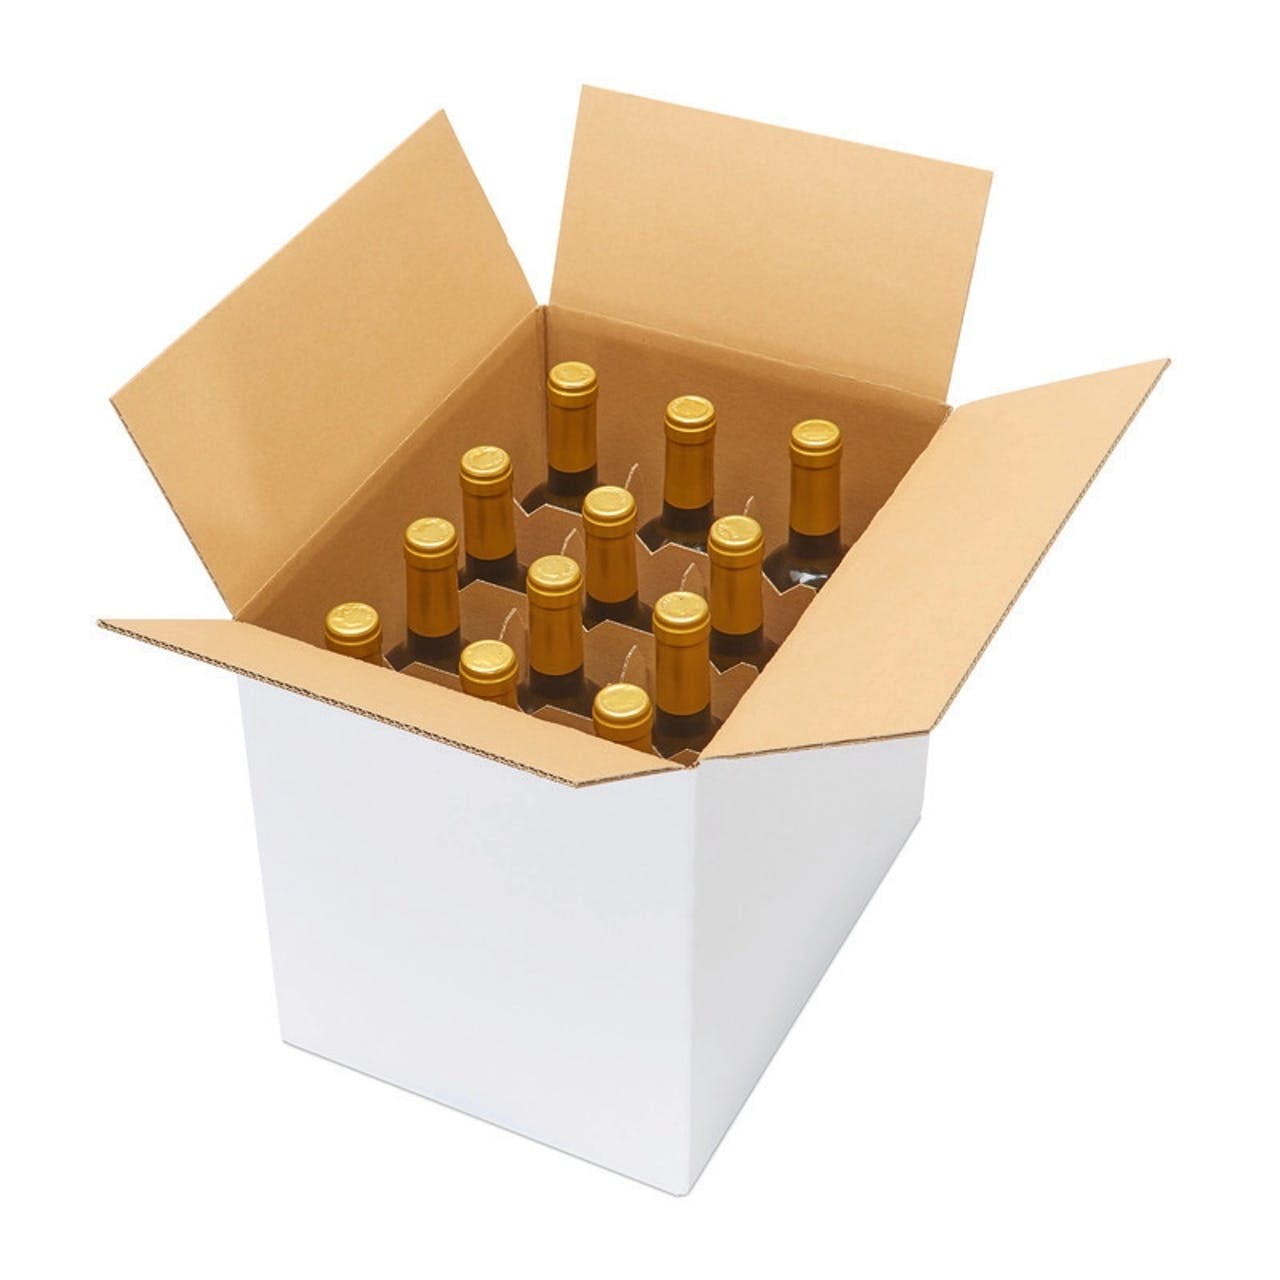 Weinflaschenkarton 12er mit Automatikgefache, VAR: FKA12w